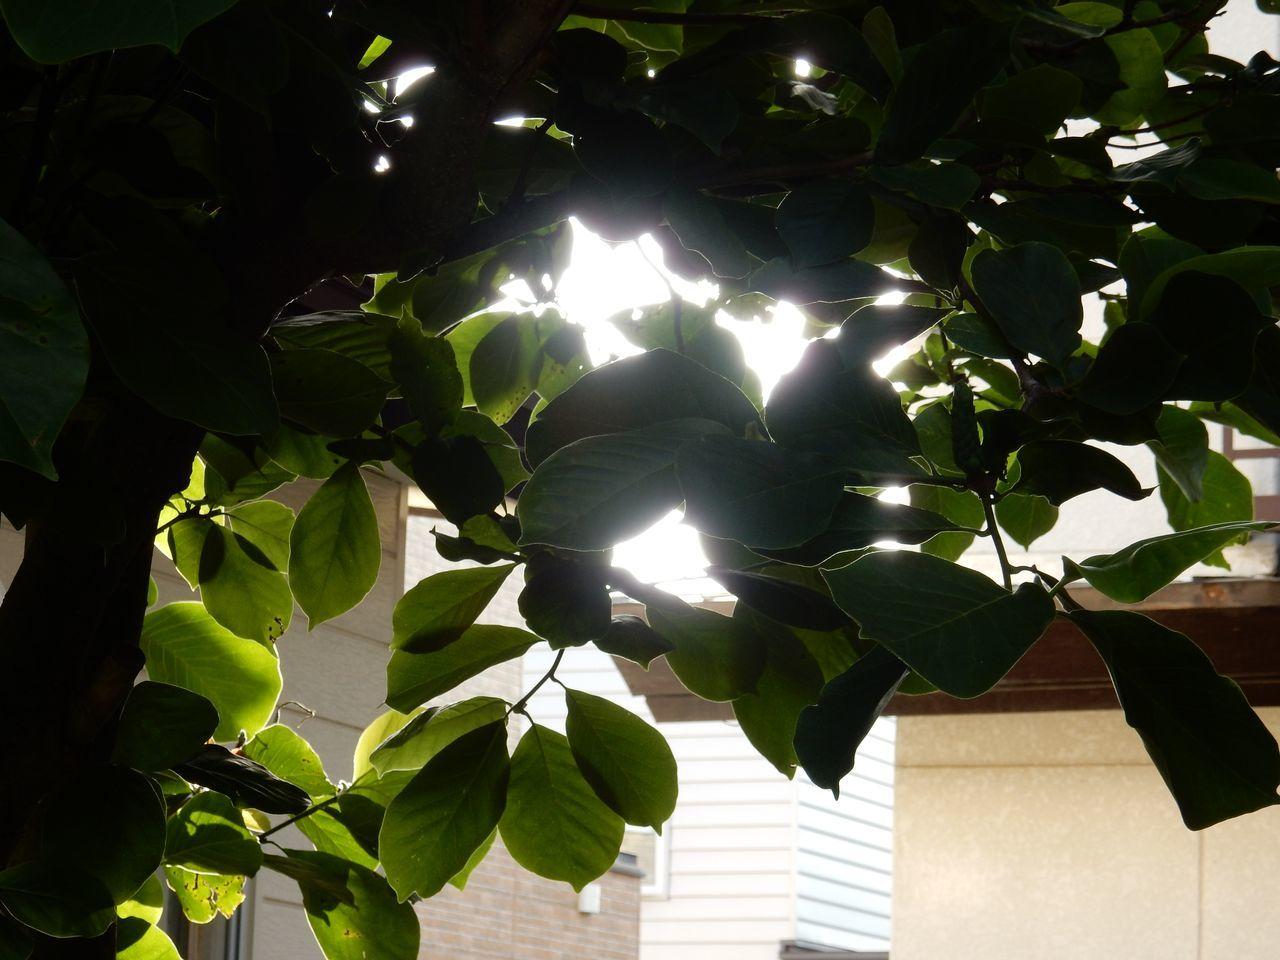 ようやく25℃の夏日になる_c0025115_22102234.jpg